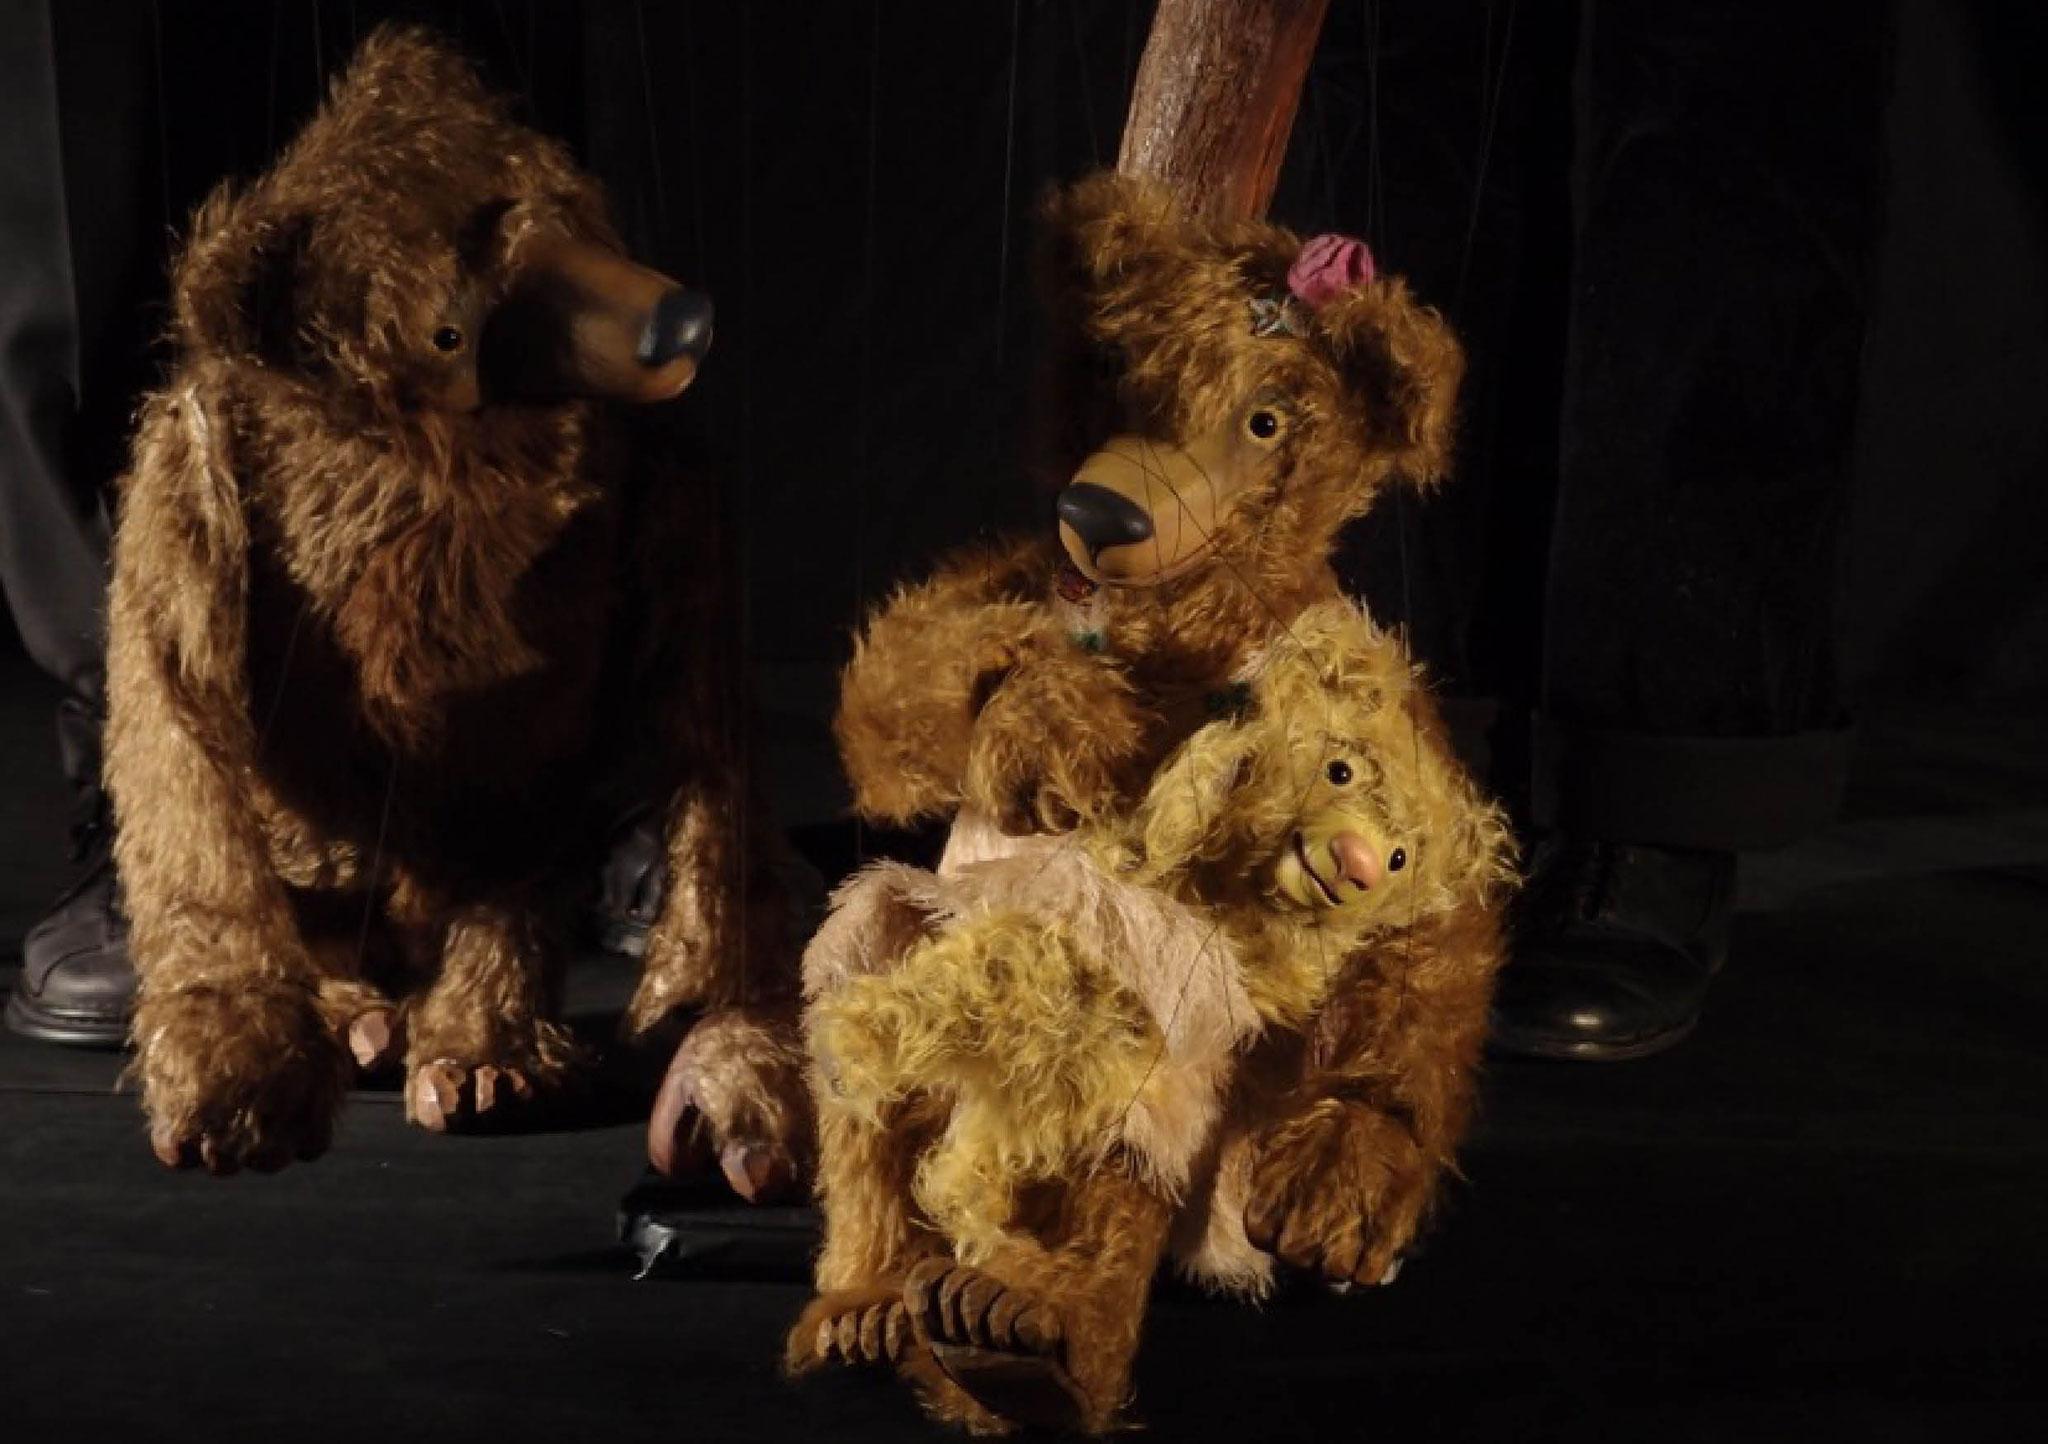 Die drei Bären: Blaue Bühne, Anne und Gernot Kunze, Monika und Jens Steffen, Marburg